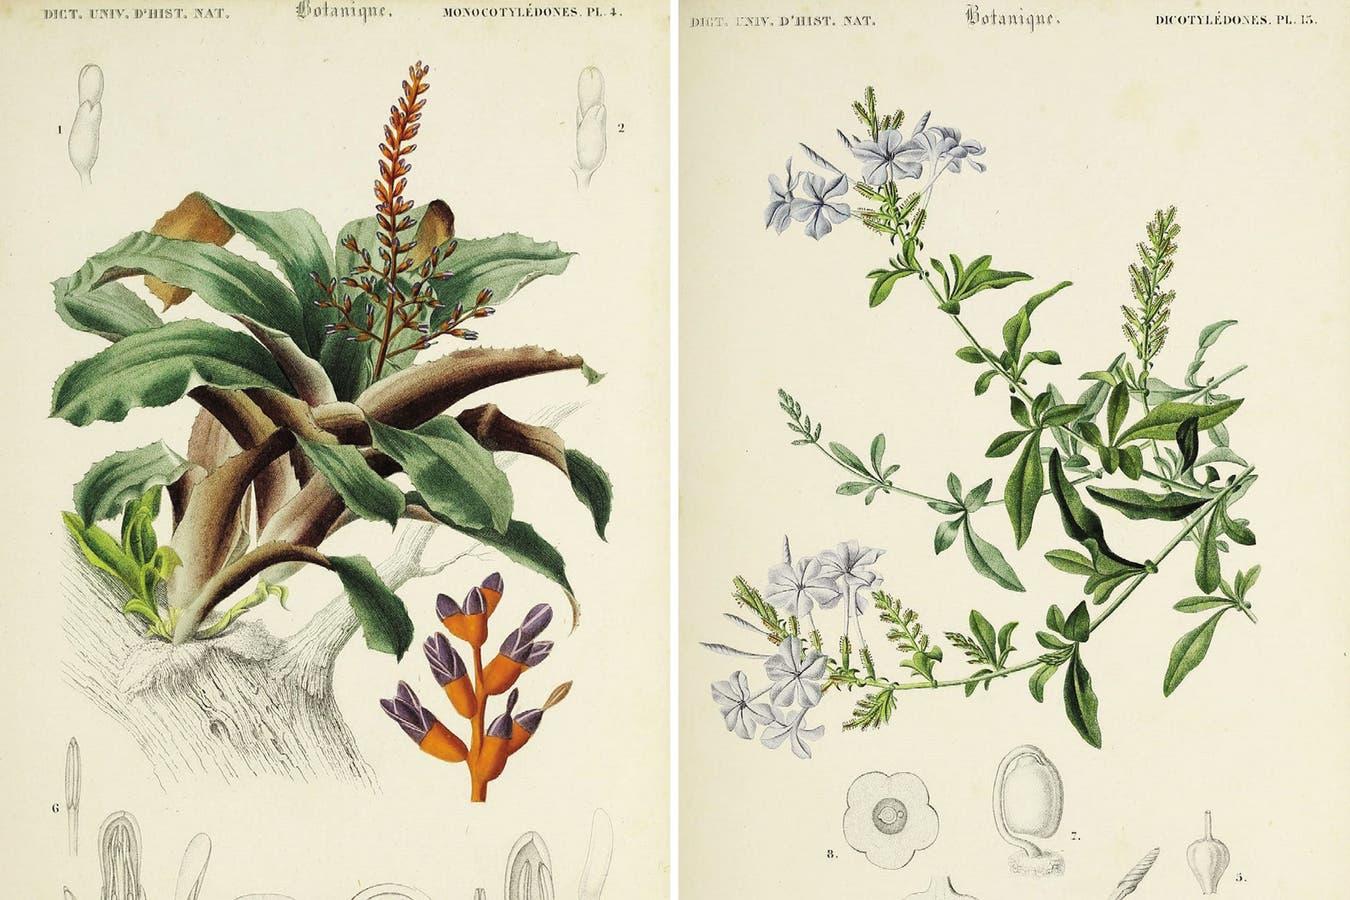 Izquierda: Bromeliáceas, una familia a la que pertenecen el ananá y el clavel del aire. Derecha: Ilustración del Plumbago capensis, jazmín del cielo, que integra la familia de las Plumbagináceas.